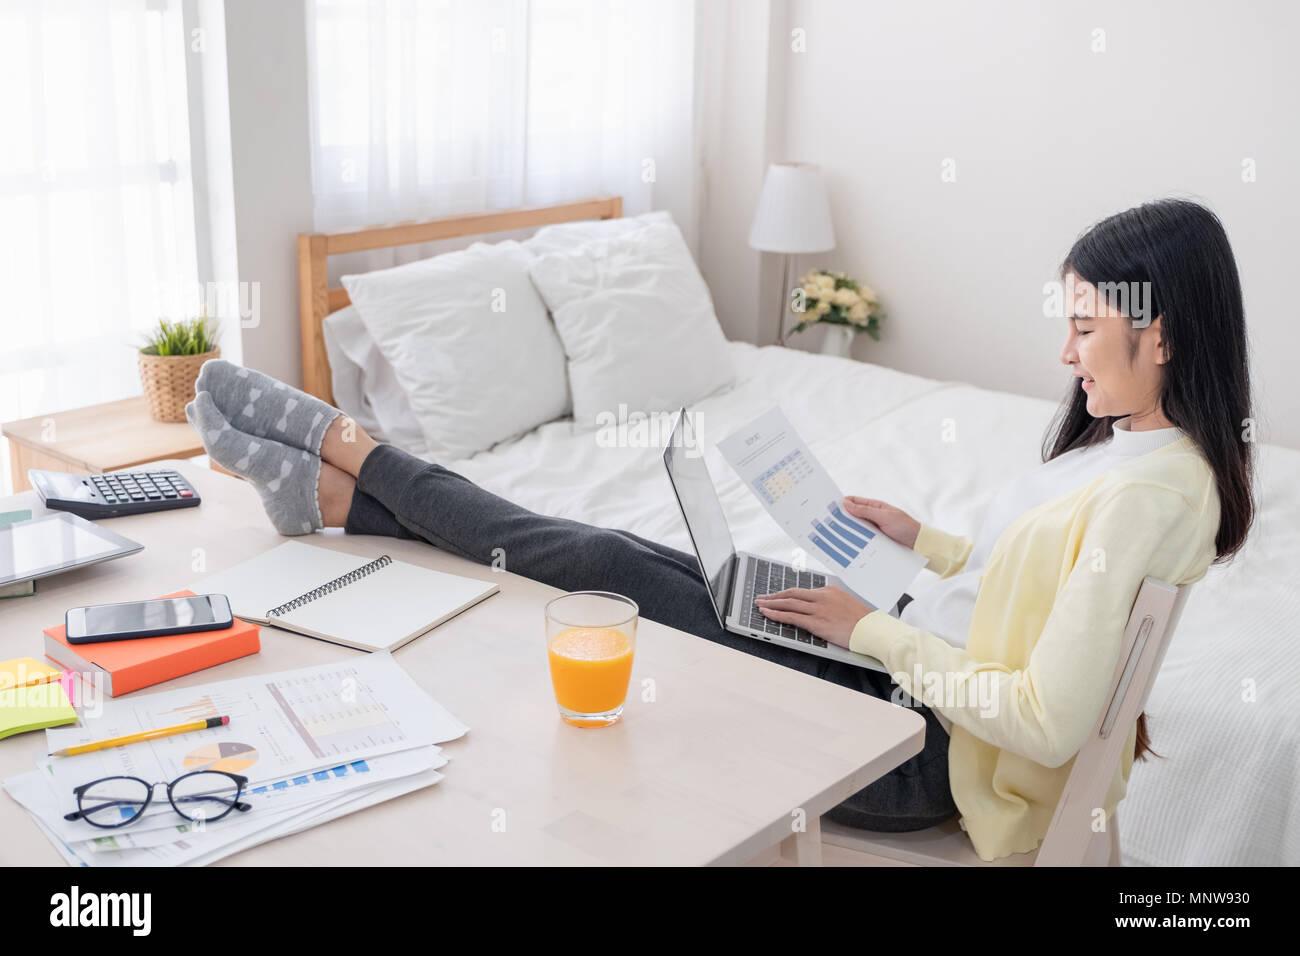 Mujeres asiáticas freelancer leer informe papel y trabajar con el portátil yacía sobre la rodilla de la pierna con el resto sobre la mesa en el dormitorio en el hogar.Trabajo en casa concepto.trabajo f Foto de stock